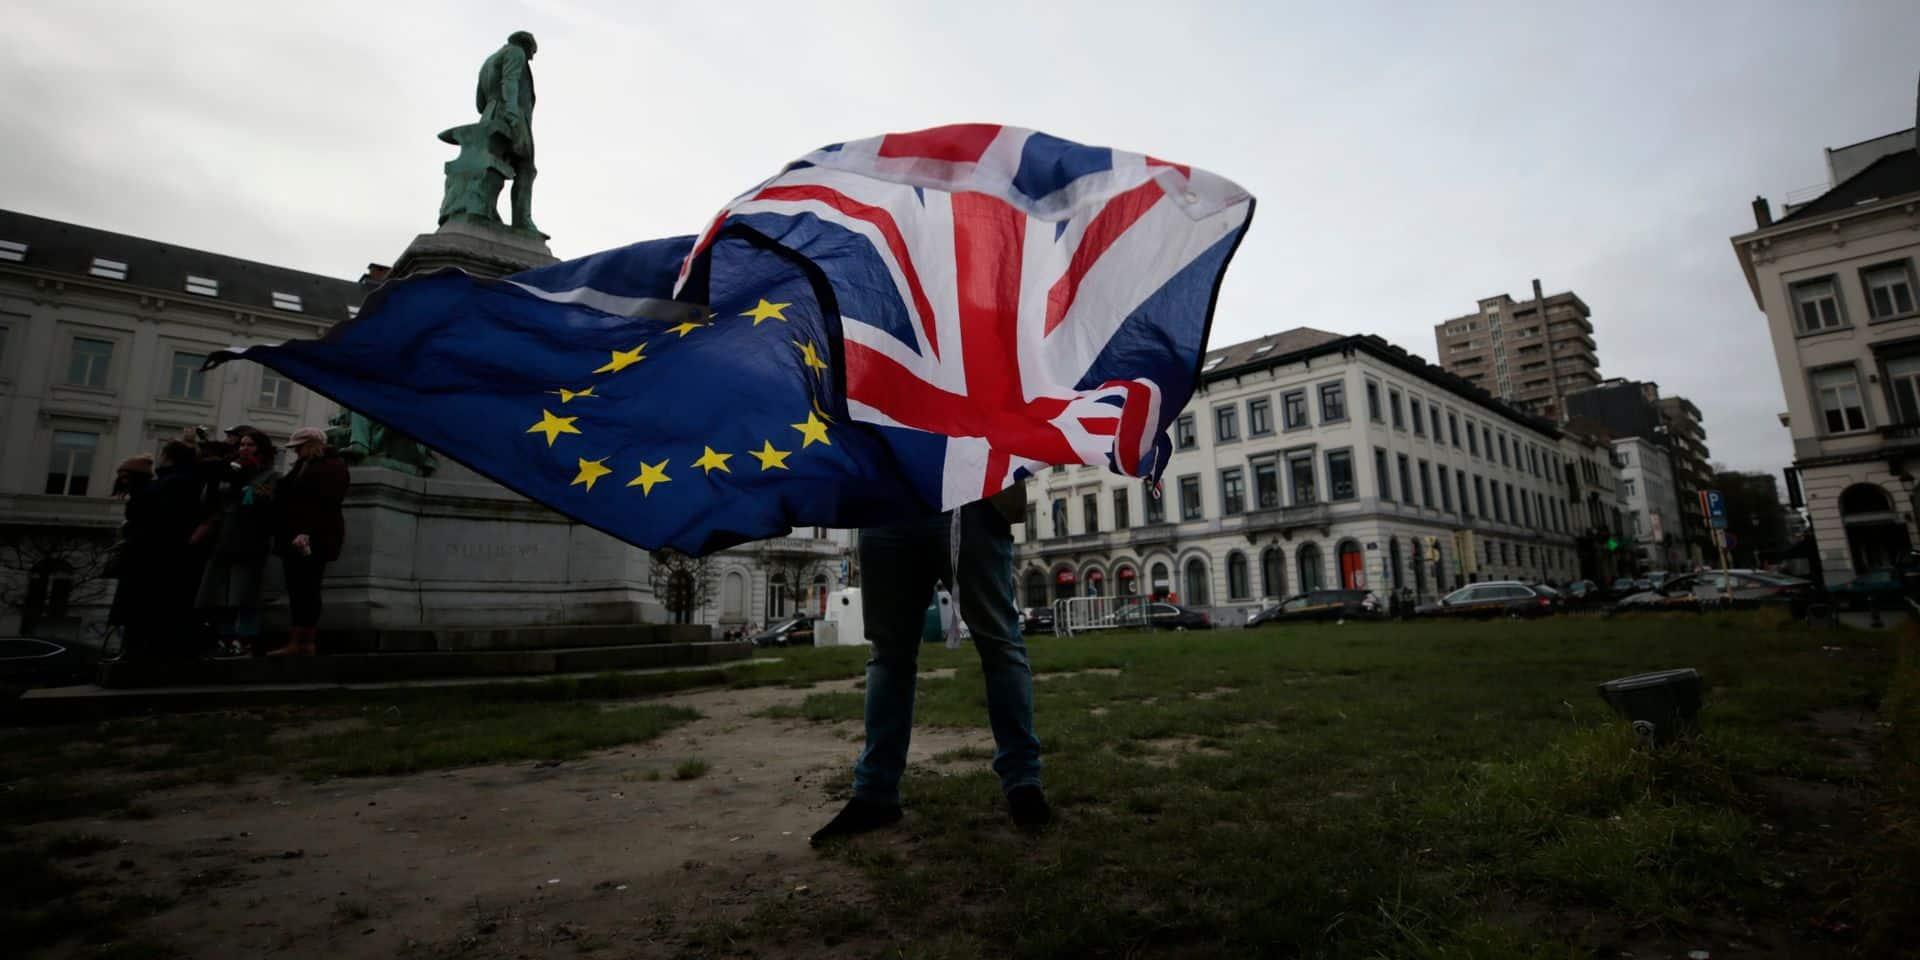 Touristes, étudiants Erasmus, entrepreneurs: les conséquences qu'aura le Brexit pour les Européens